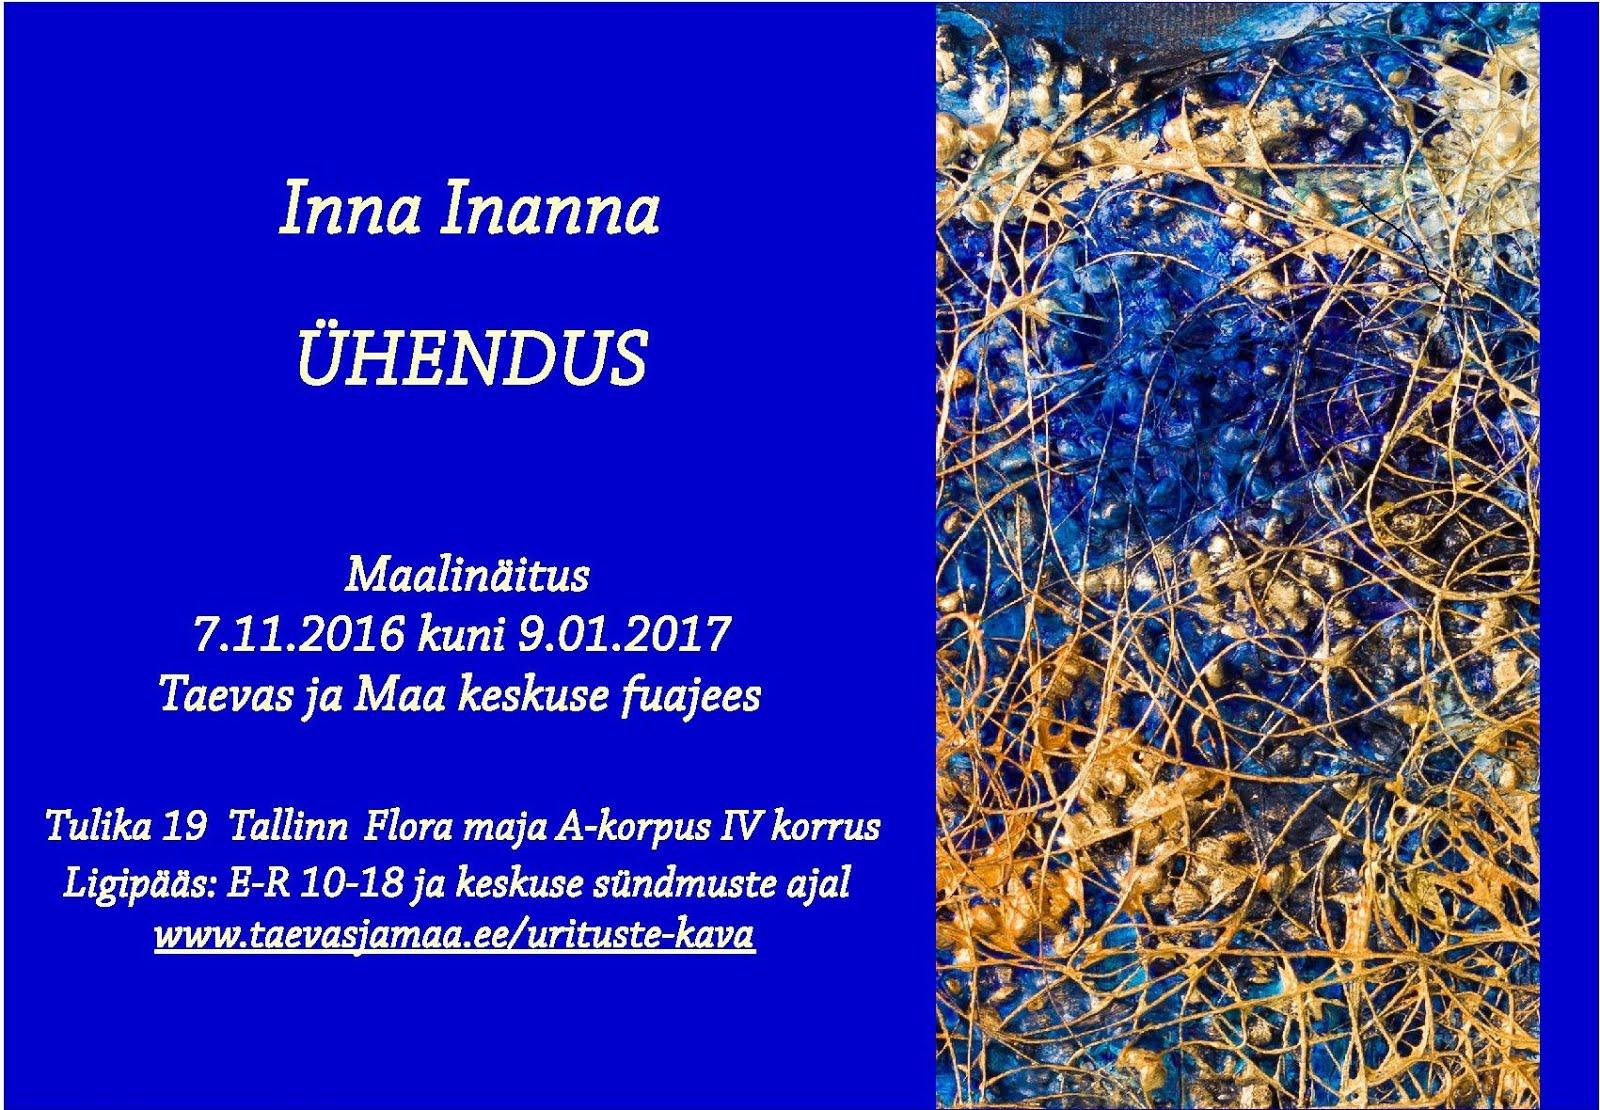 Maalinäitus Tallinnas. Pildid ka kaustas KUNST